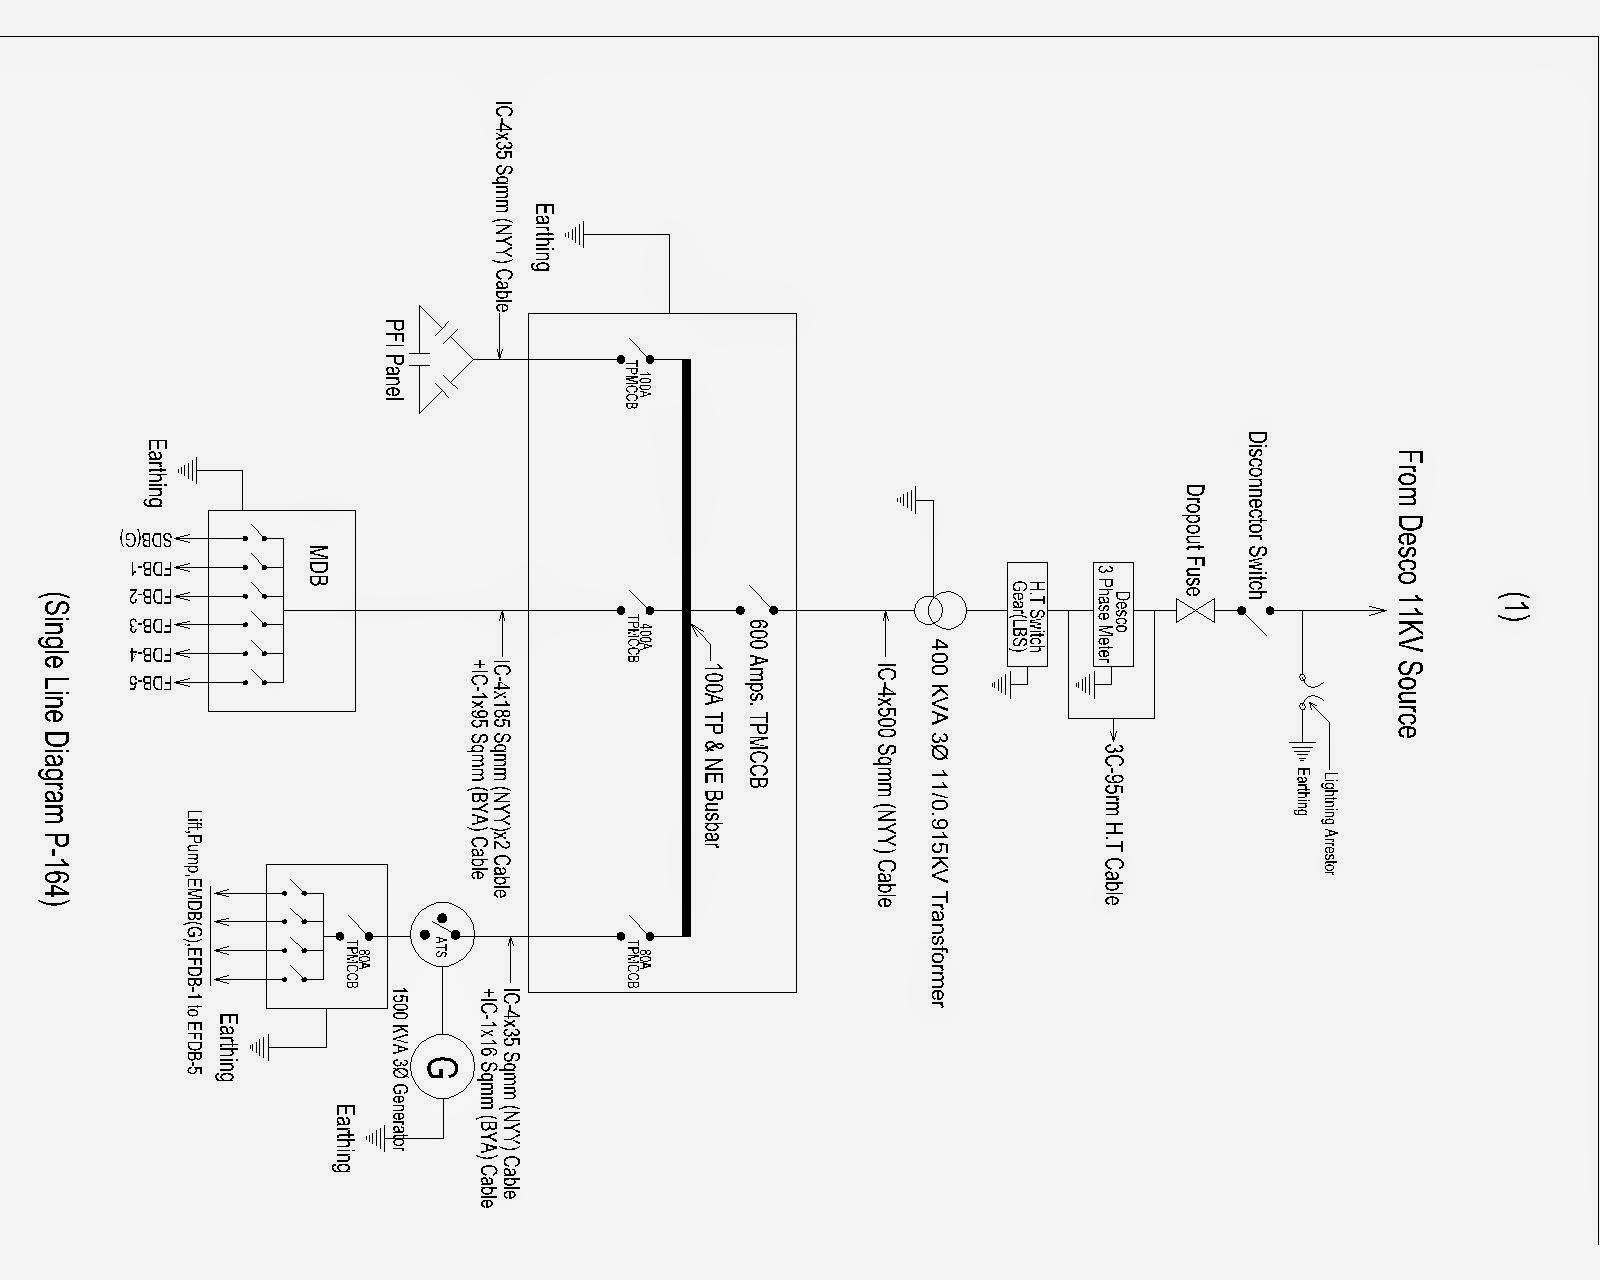 Penerangan Gambar Single Line Wiring Diagram Free Vehicle Wiring 3 Phase  Convection Oven Wiring Diagram 3 Phase 120 208 Panel Wiring Diagram